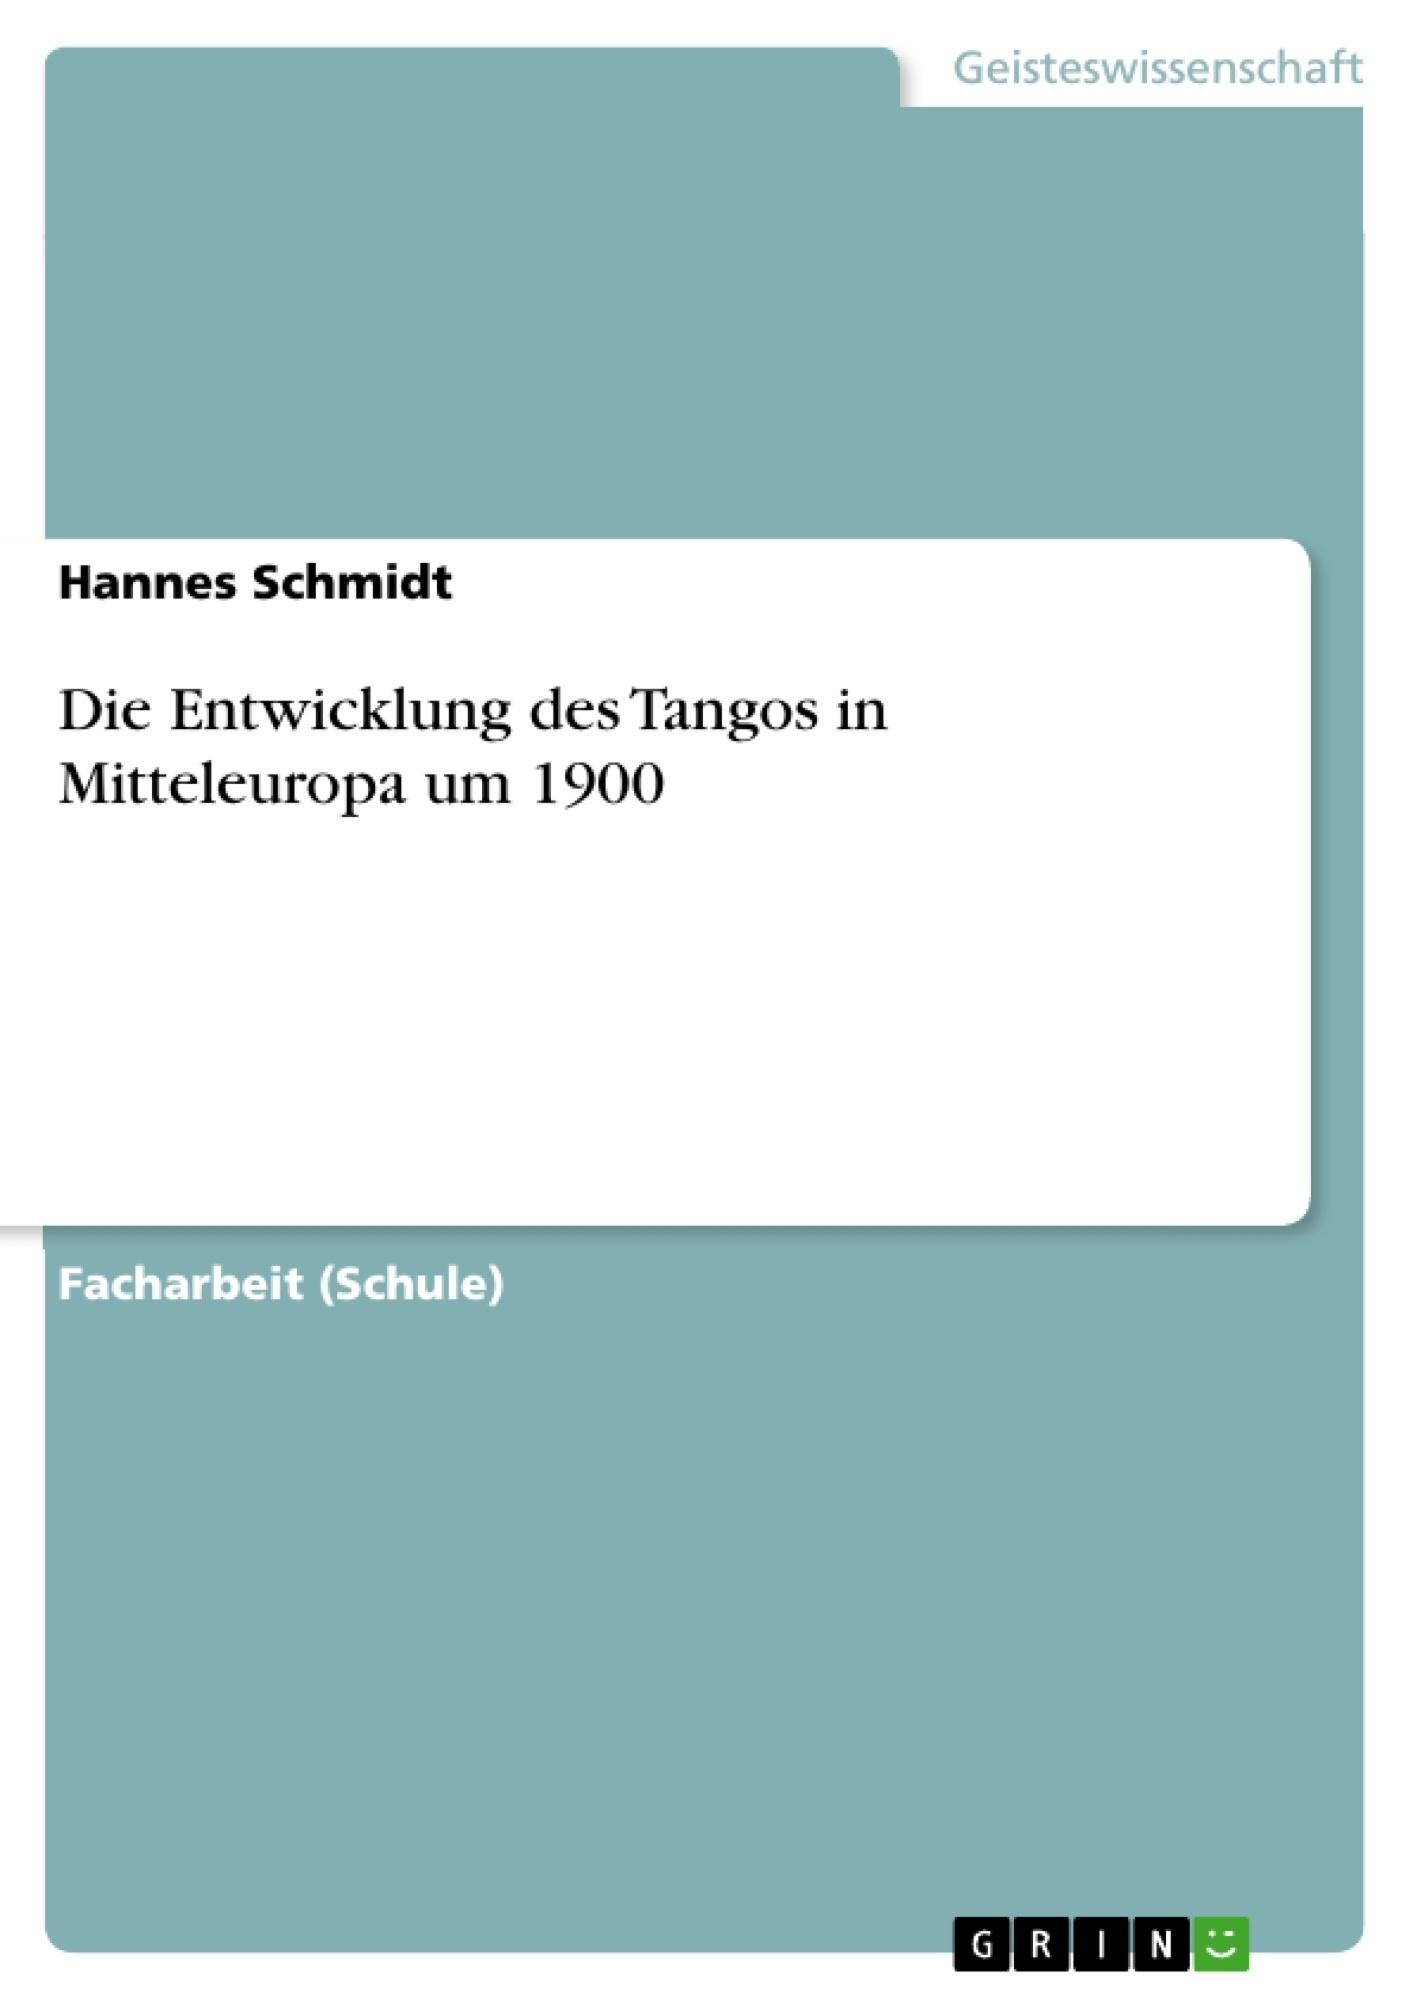 Titel: Die Entwicklung des Tangos in Mitteleuropa um 1900